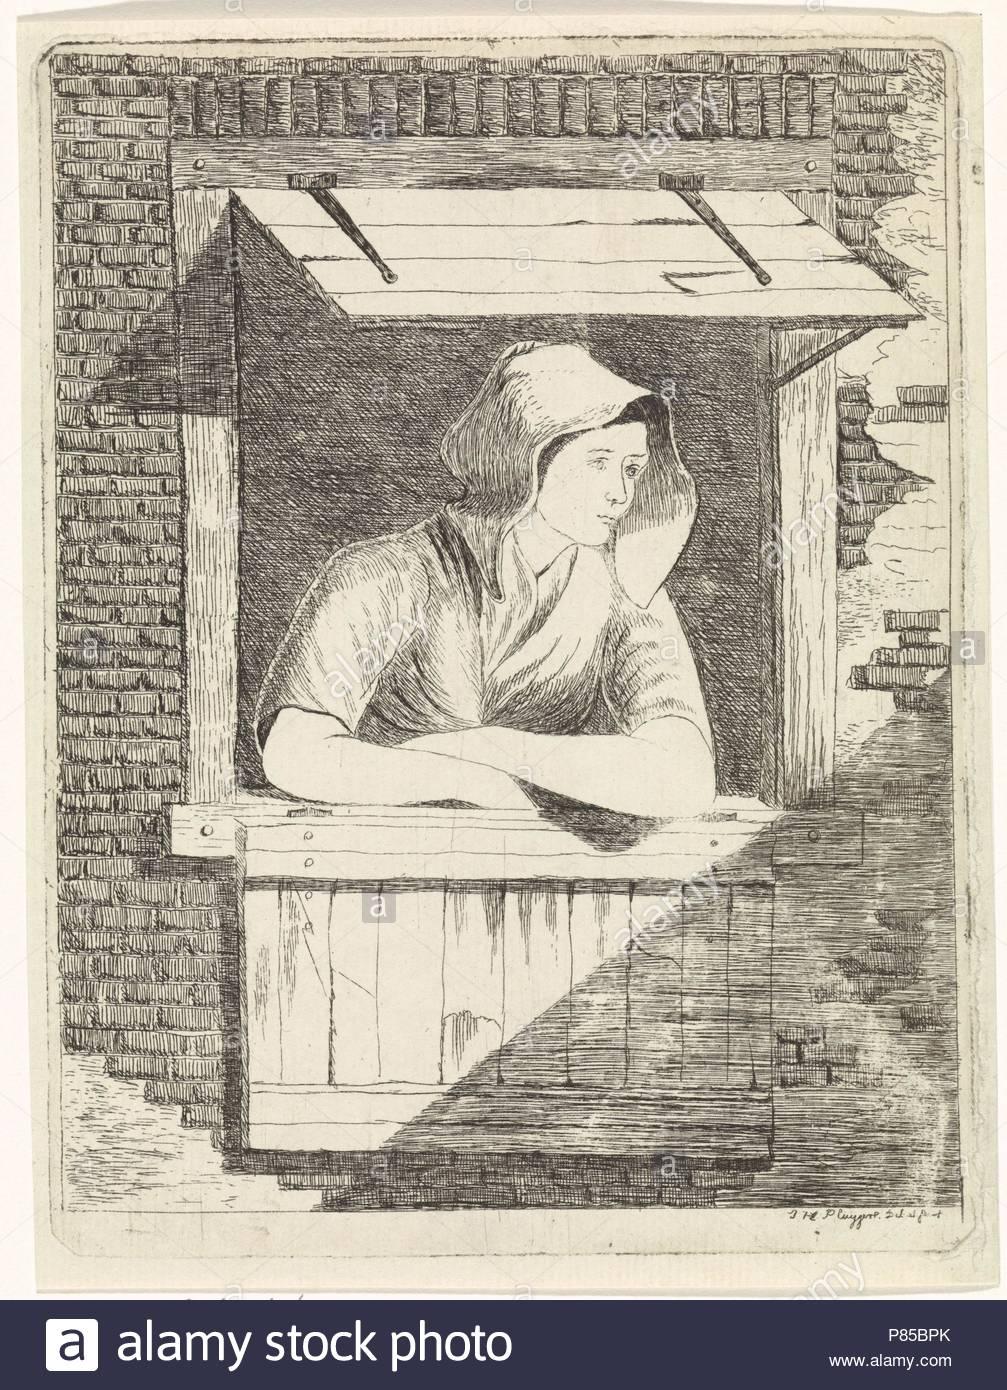 Una donna con un cappuccio sulla testa appoggiata fuori una finestra con persiane orizzontali, stampa maker: J.H. Pluygers (menzionato in oggetto), risalente 1800 - 1899. Immagini Stock